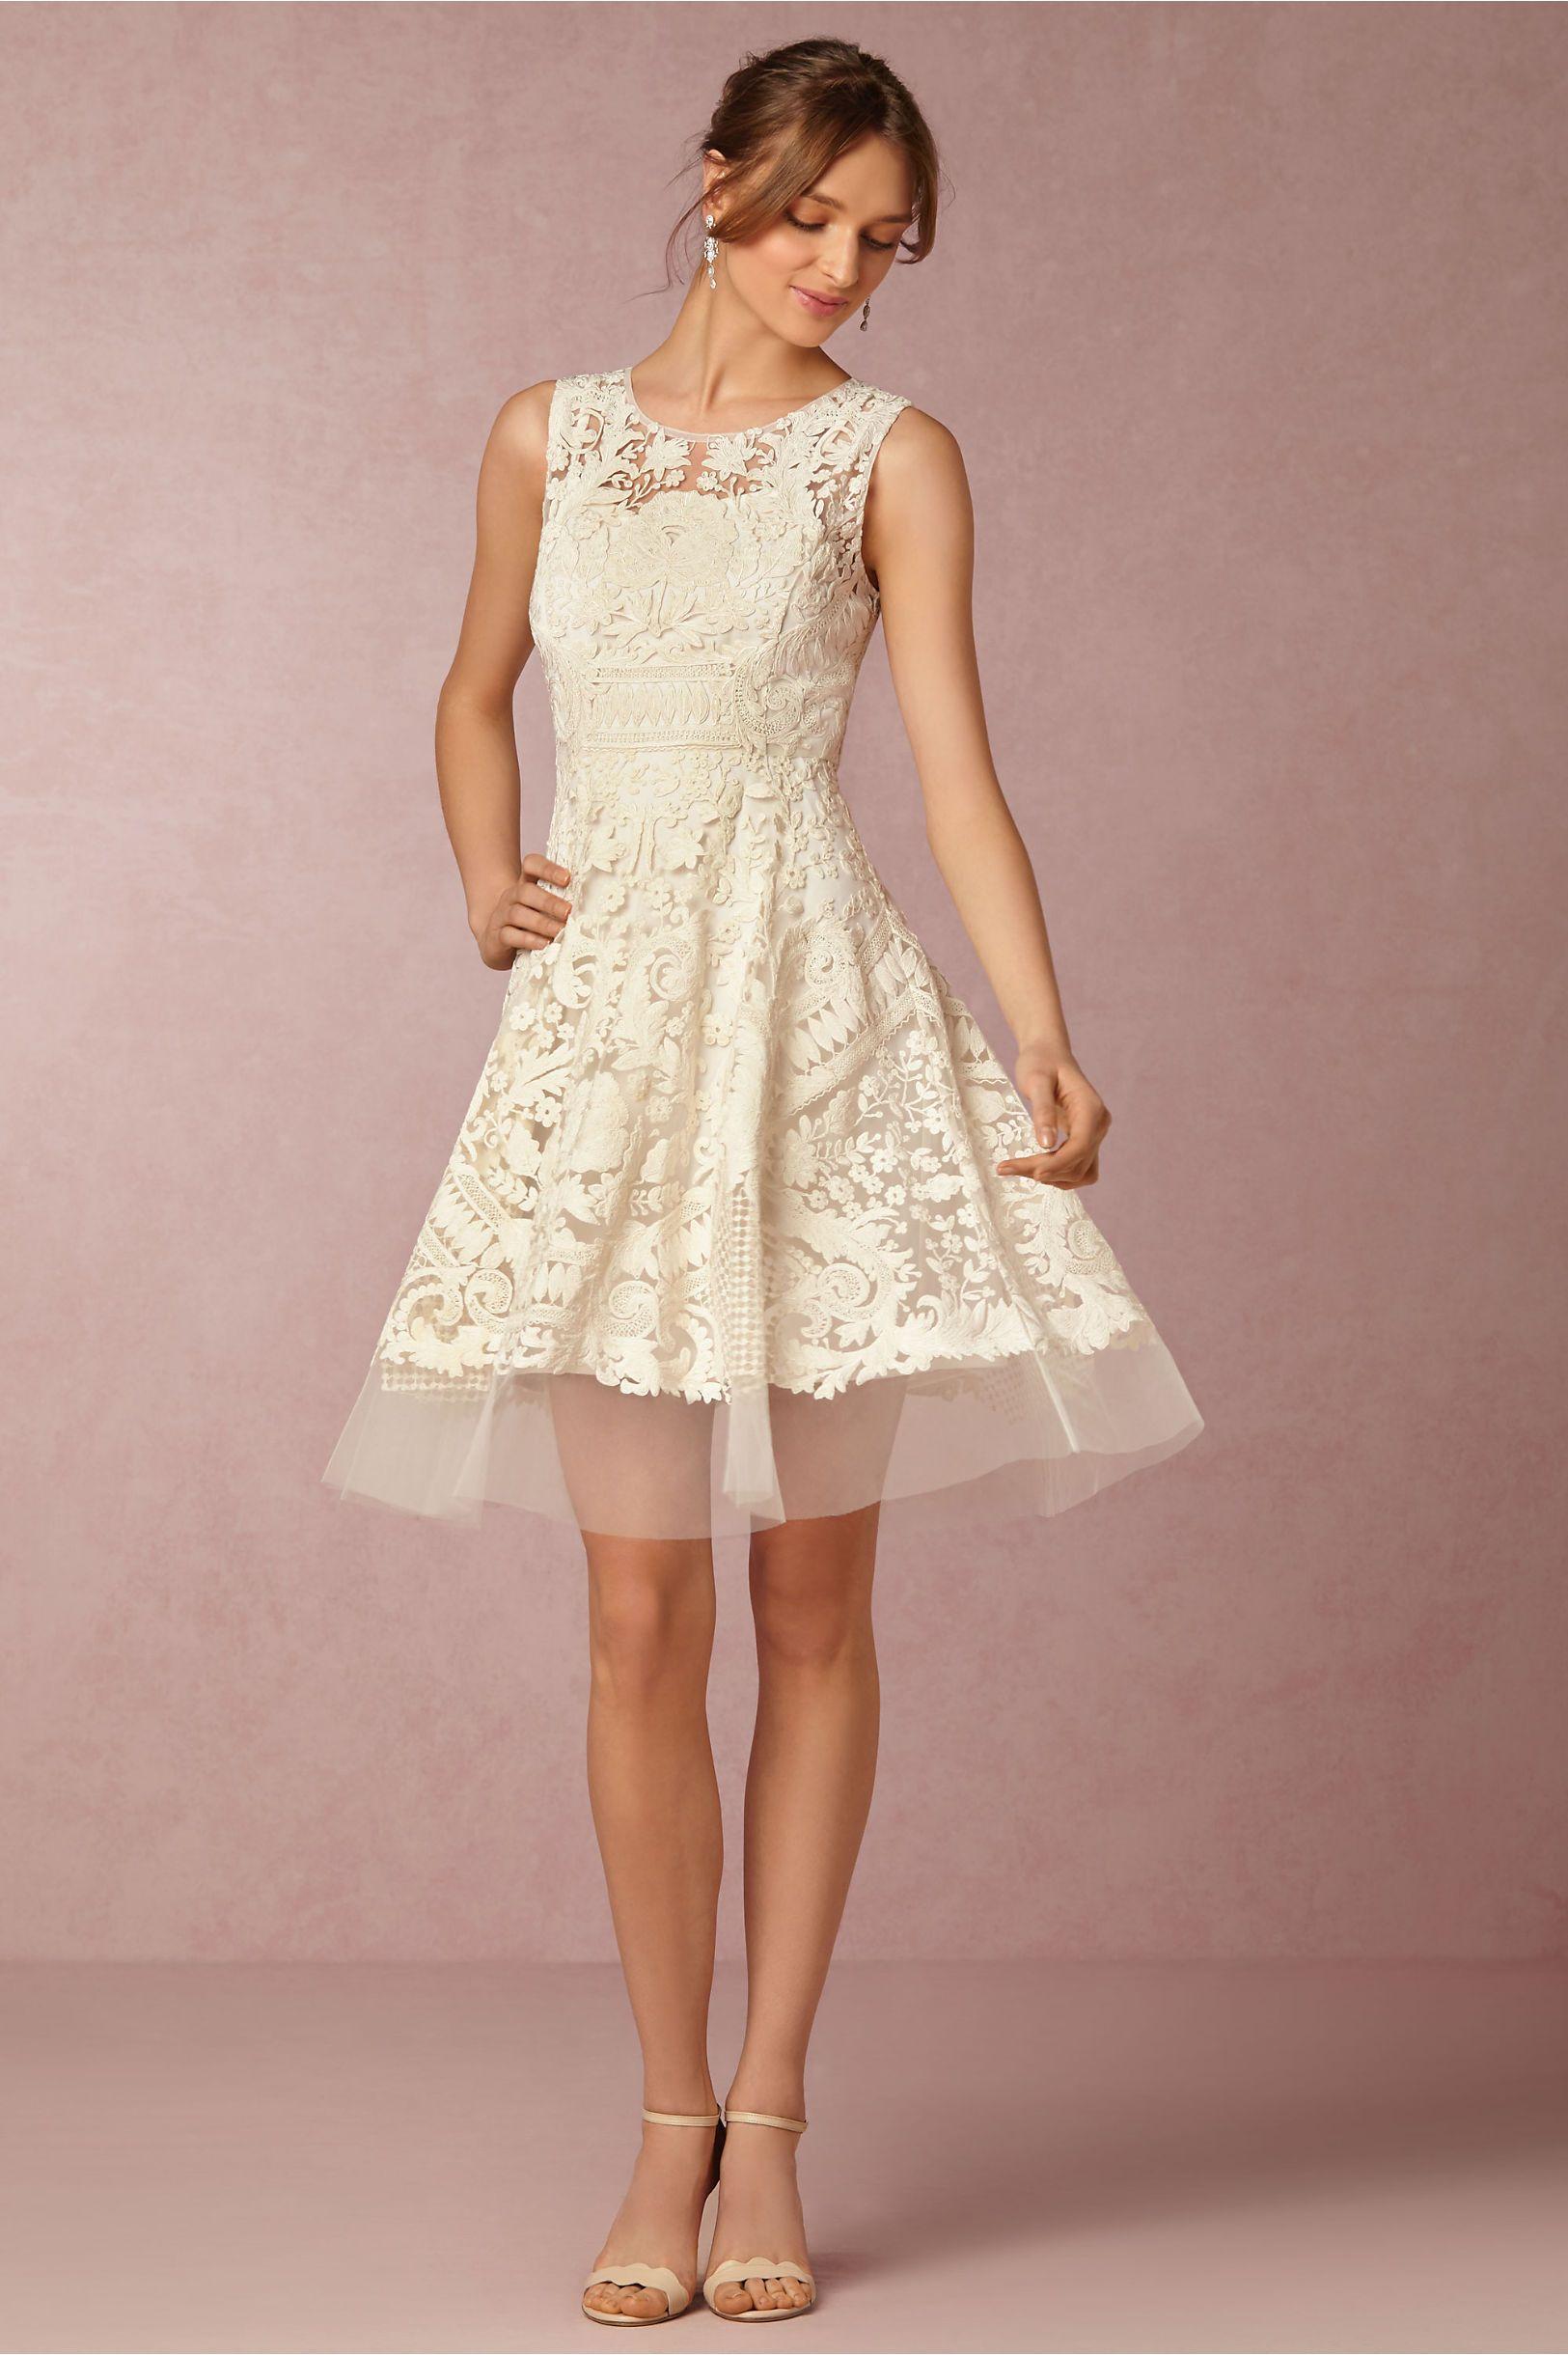 20 kurze Brautkleider zum Verlieben: günstig & traumhaft schön ...